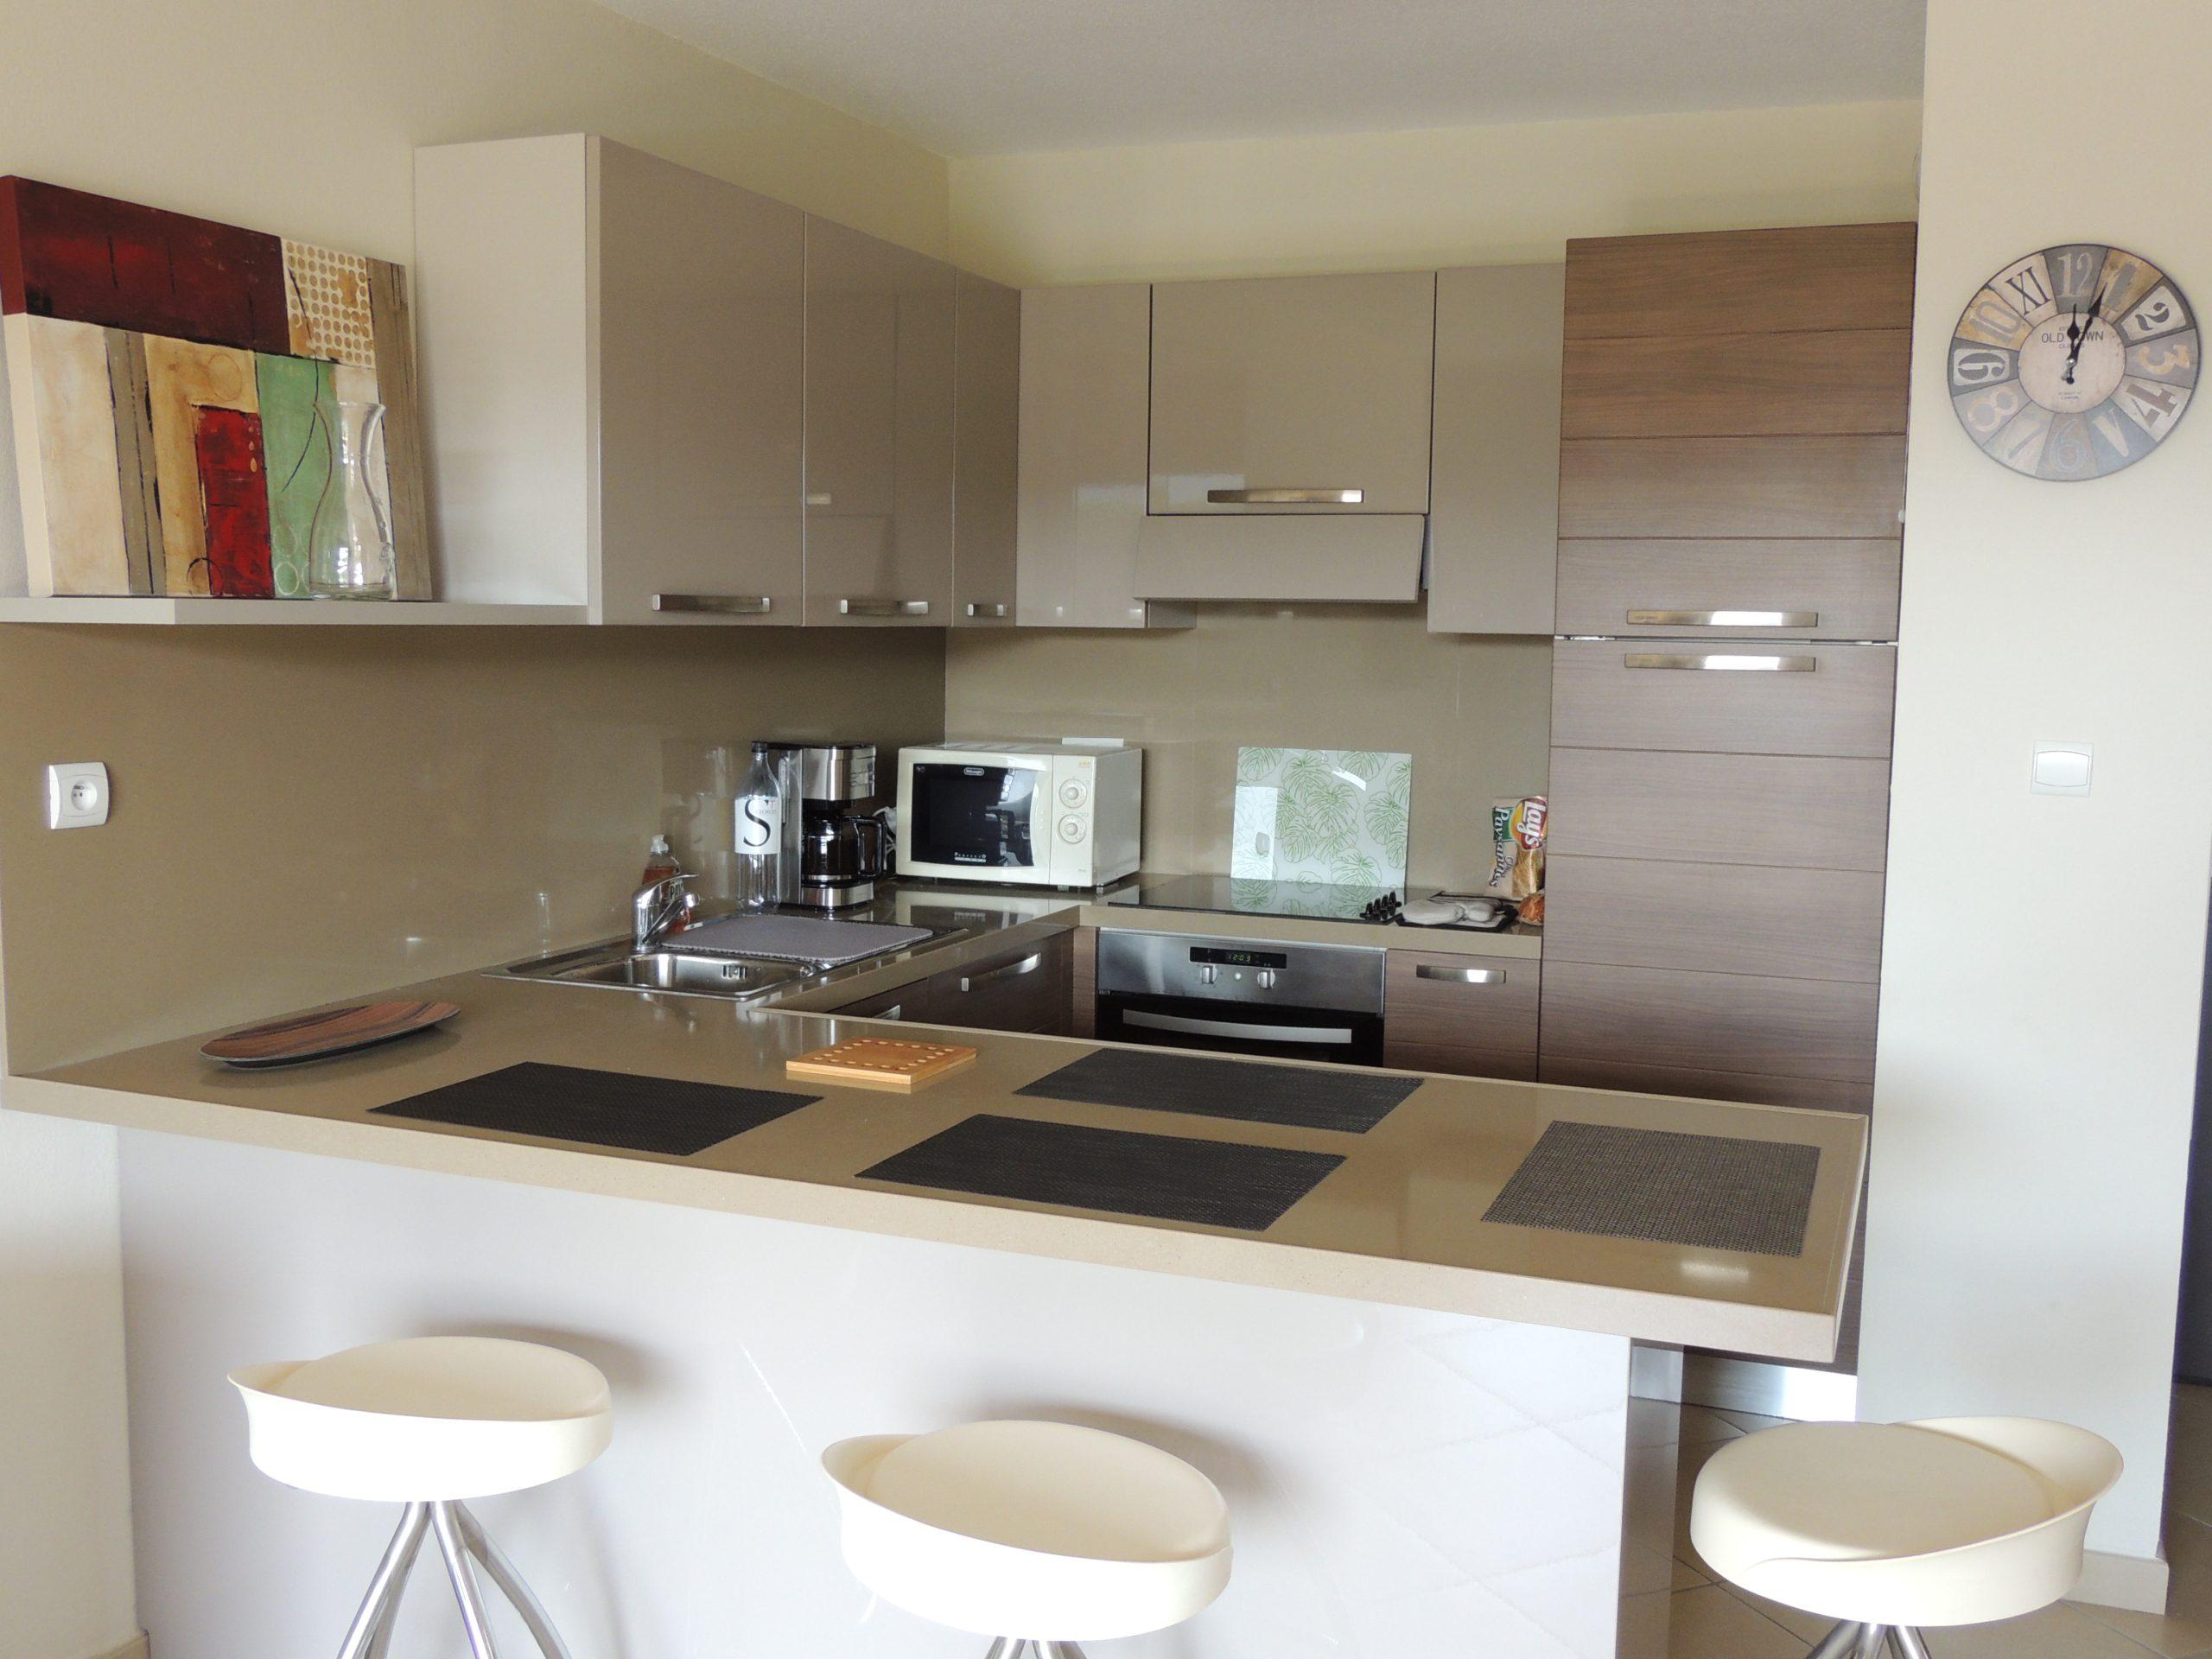 Location Appartement Les Salines Porto Vecchio luxe 4 personnes vue mer piscine résidence 5* confortable